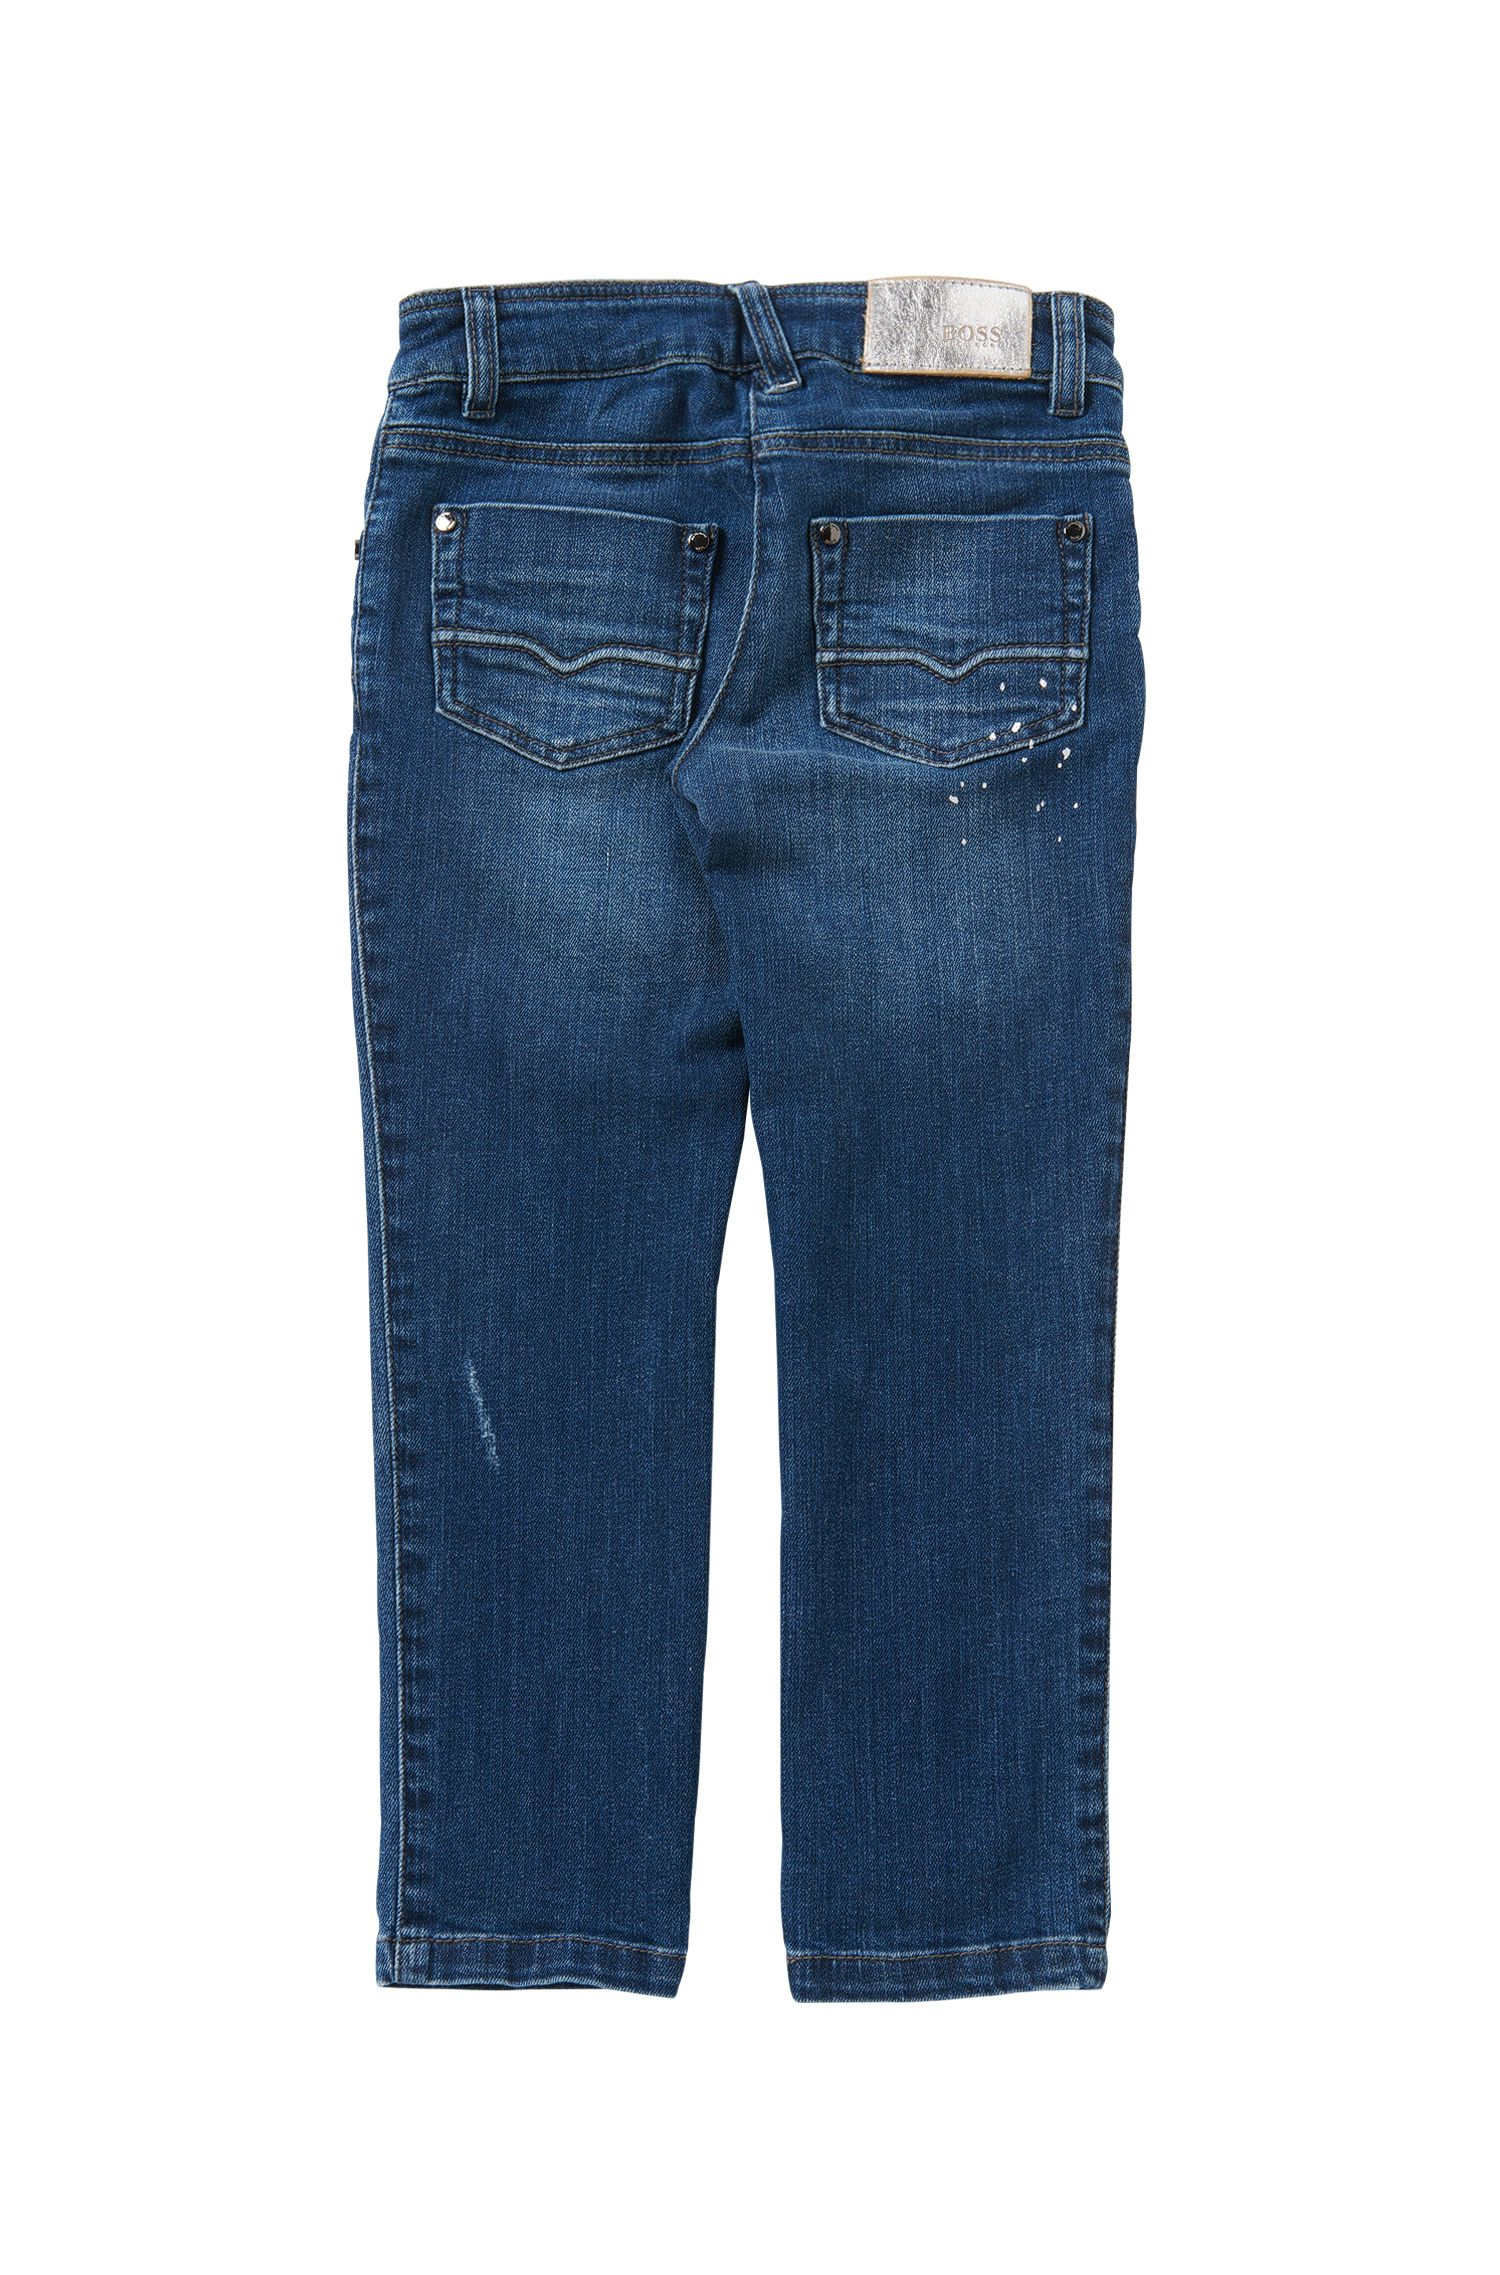 Jeans Regular Fit pour enfant en coton extensible à effets délavés et usés: «J14181»